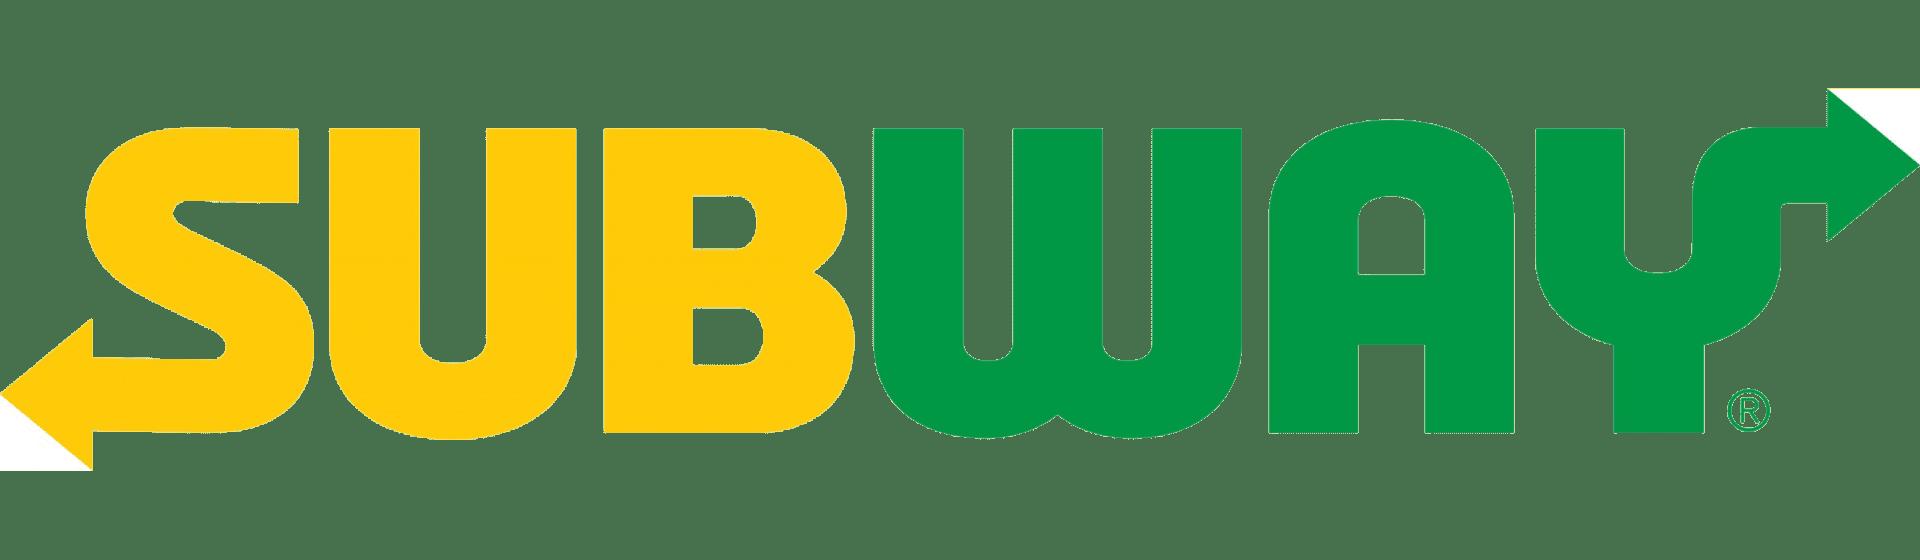 Subway - prueba logo clientes